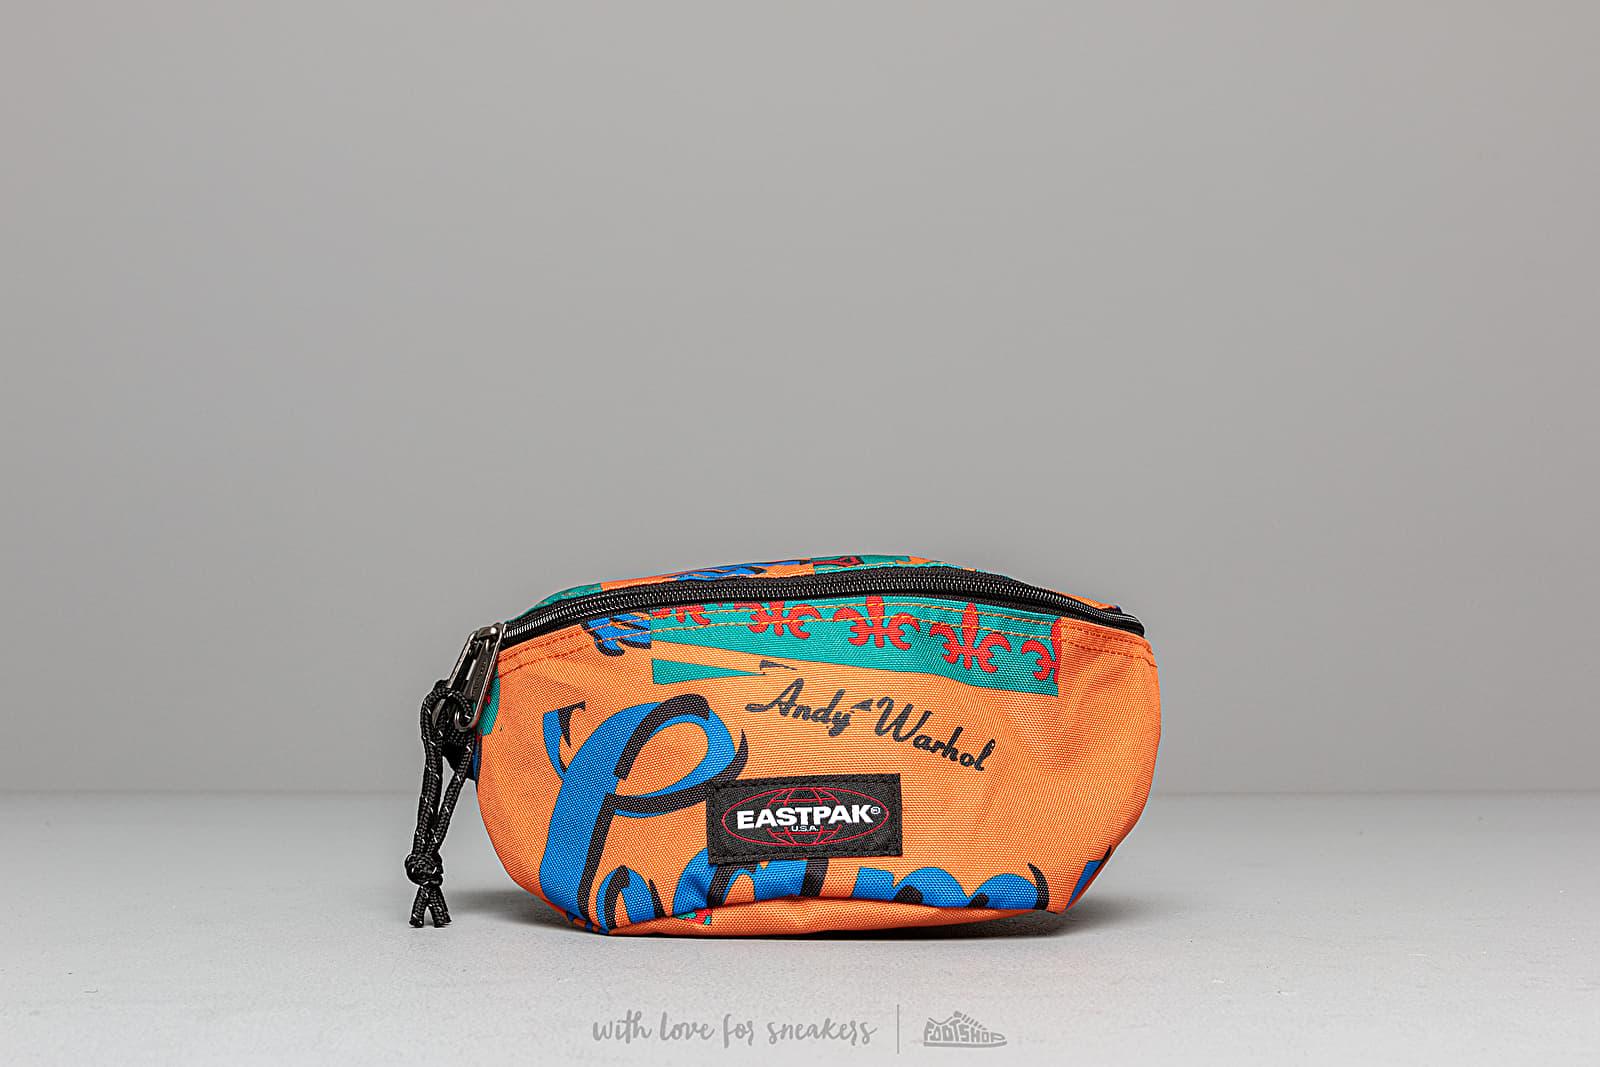 EASTPAK x Andy Warhol Springer Bag AW Carrot za skvelú cenu 33 € kúpite na Footshop.sk